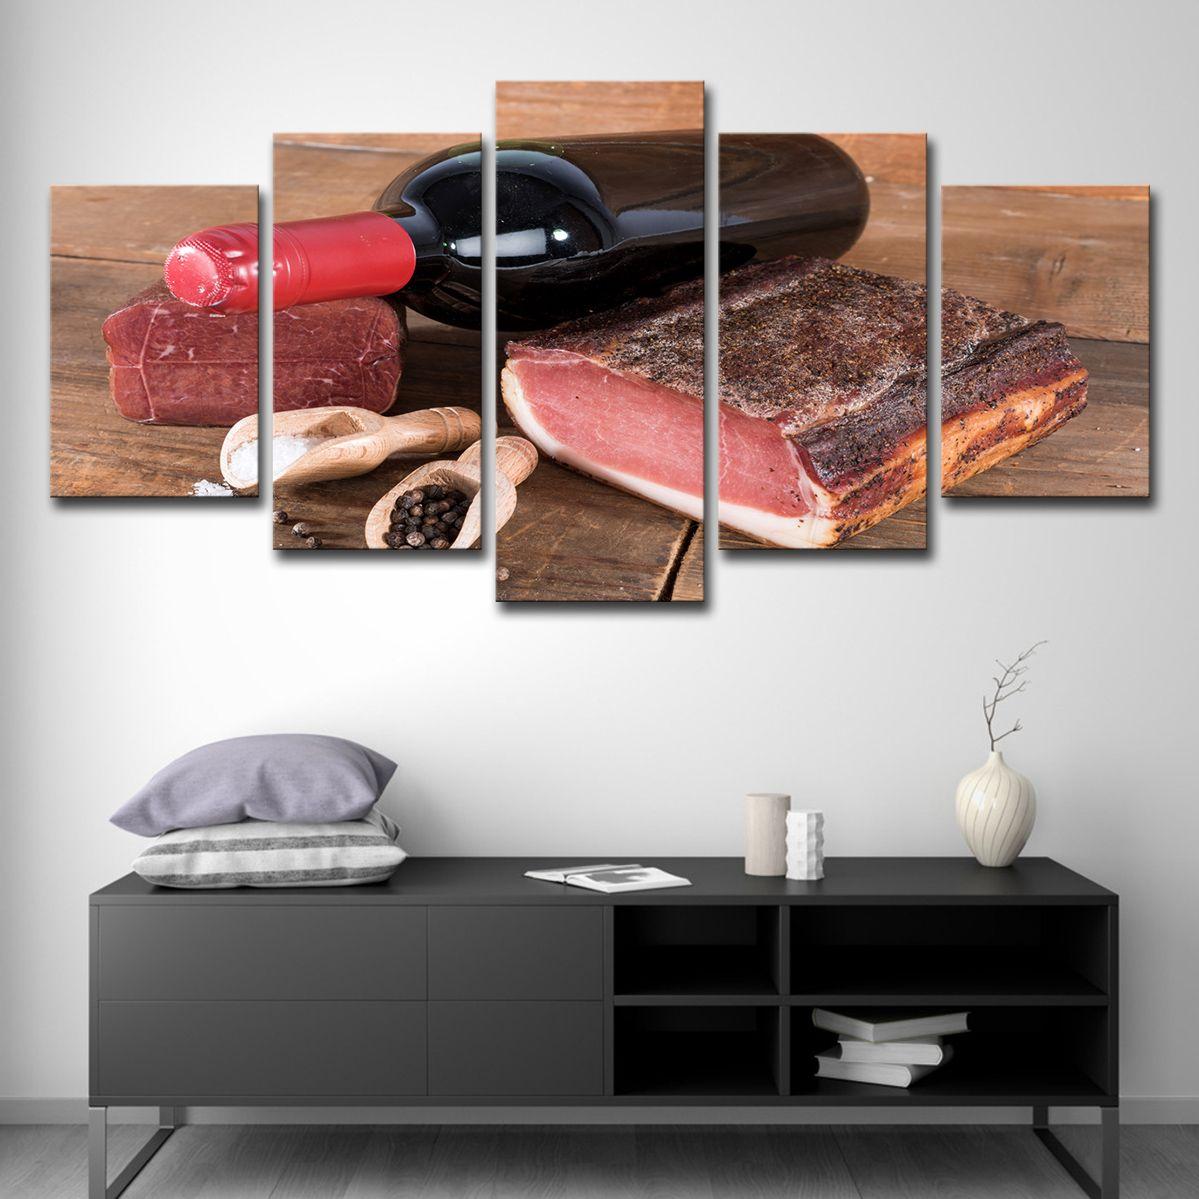 Leinwand HD Prints Bilder Home Decor Zimmer 5 Stücke Rotwein und Fleisch Gemälde Küche Wandkunst Food Restaurant Poster